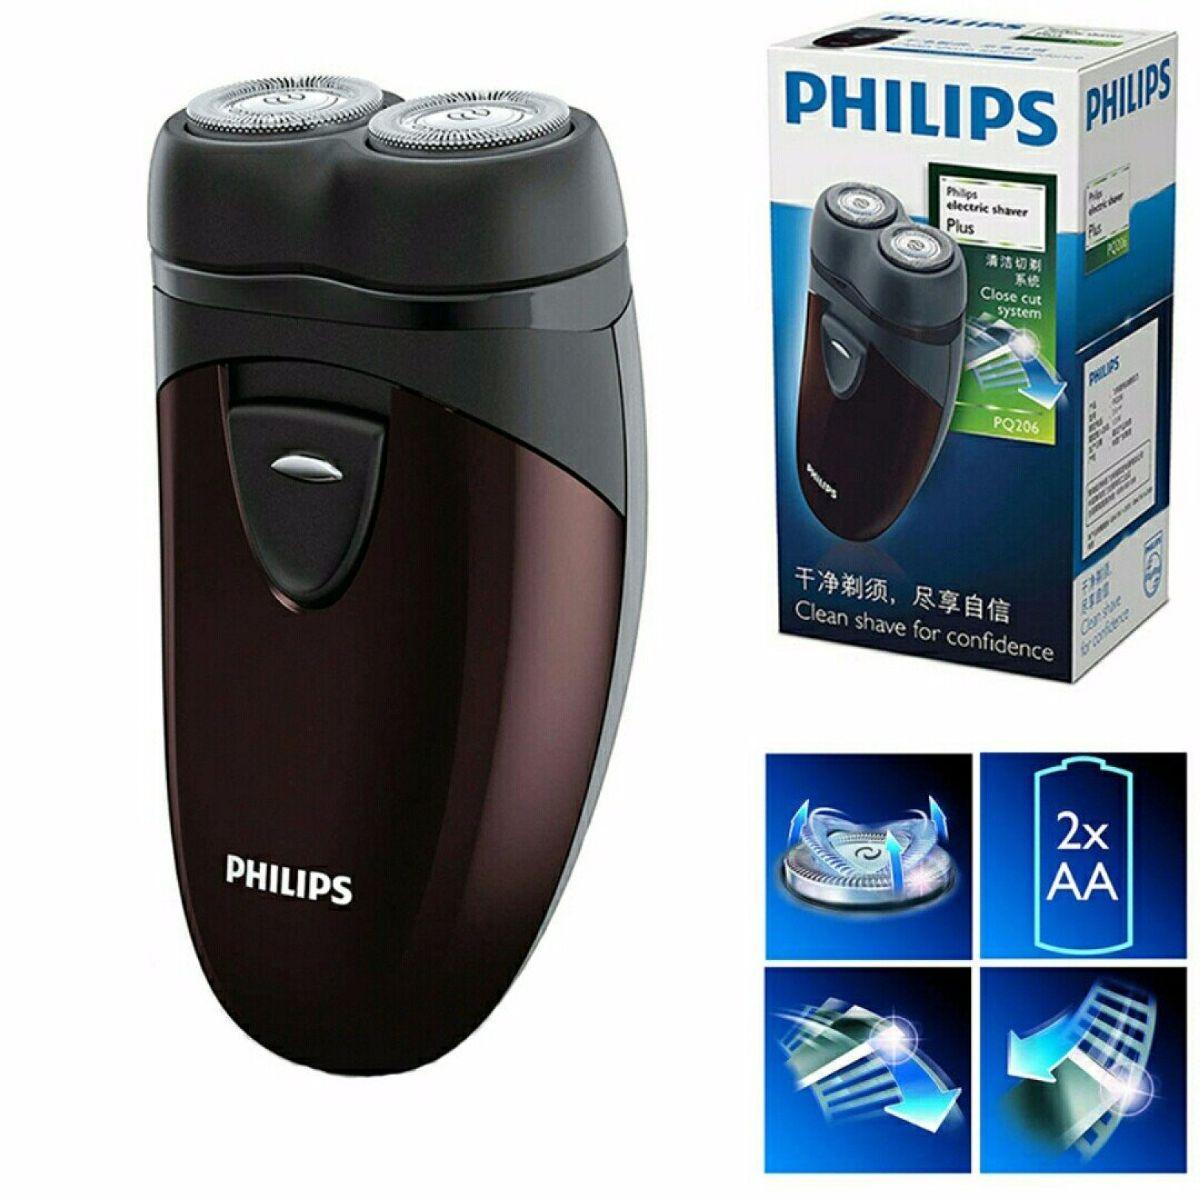 Máy Cạo Râu Philips Pq206 - Hàng Nhập Khẩu